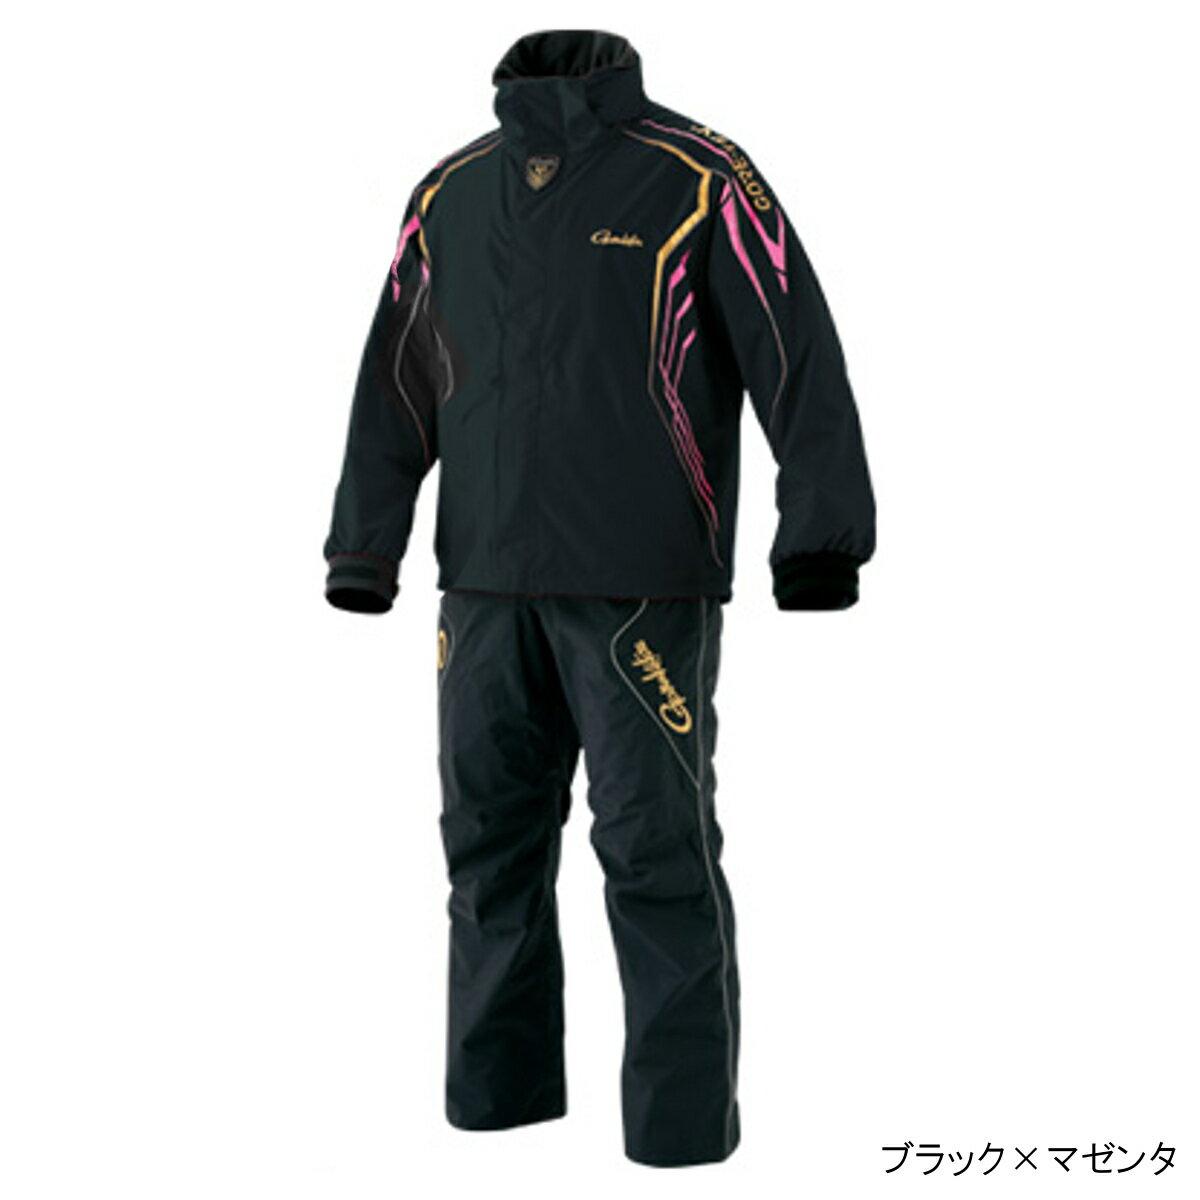 ゴアテックス レインスーツ GM-3500 L ブラック×マゼンタ【送料無料】